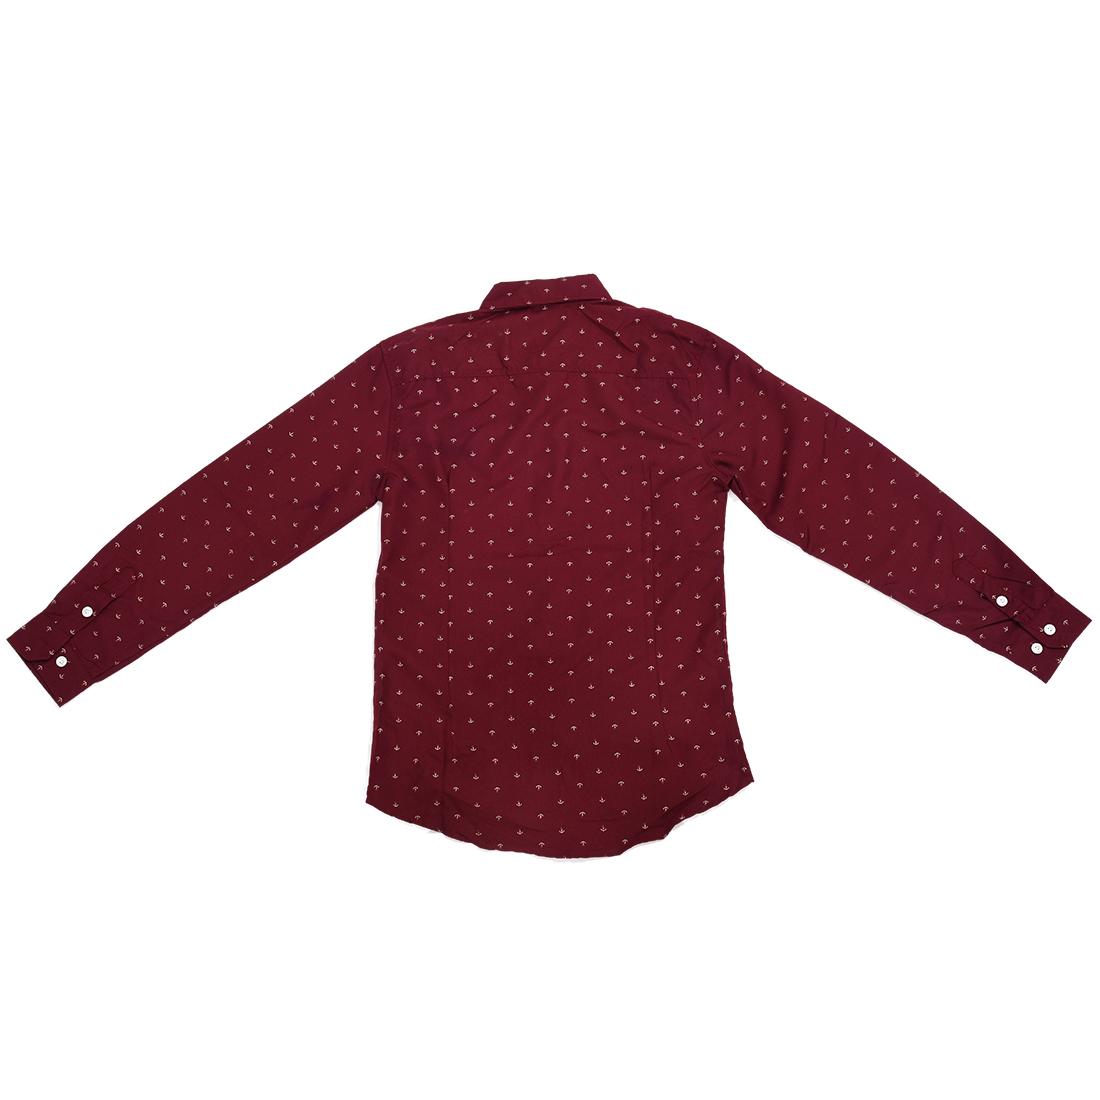 Nuevas-Camisas-De-Manga-Largas-De-Impresion-De-Ancla-De-Hombres-F2C4